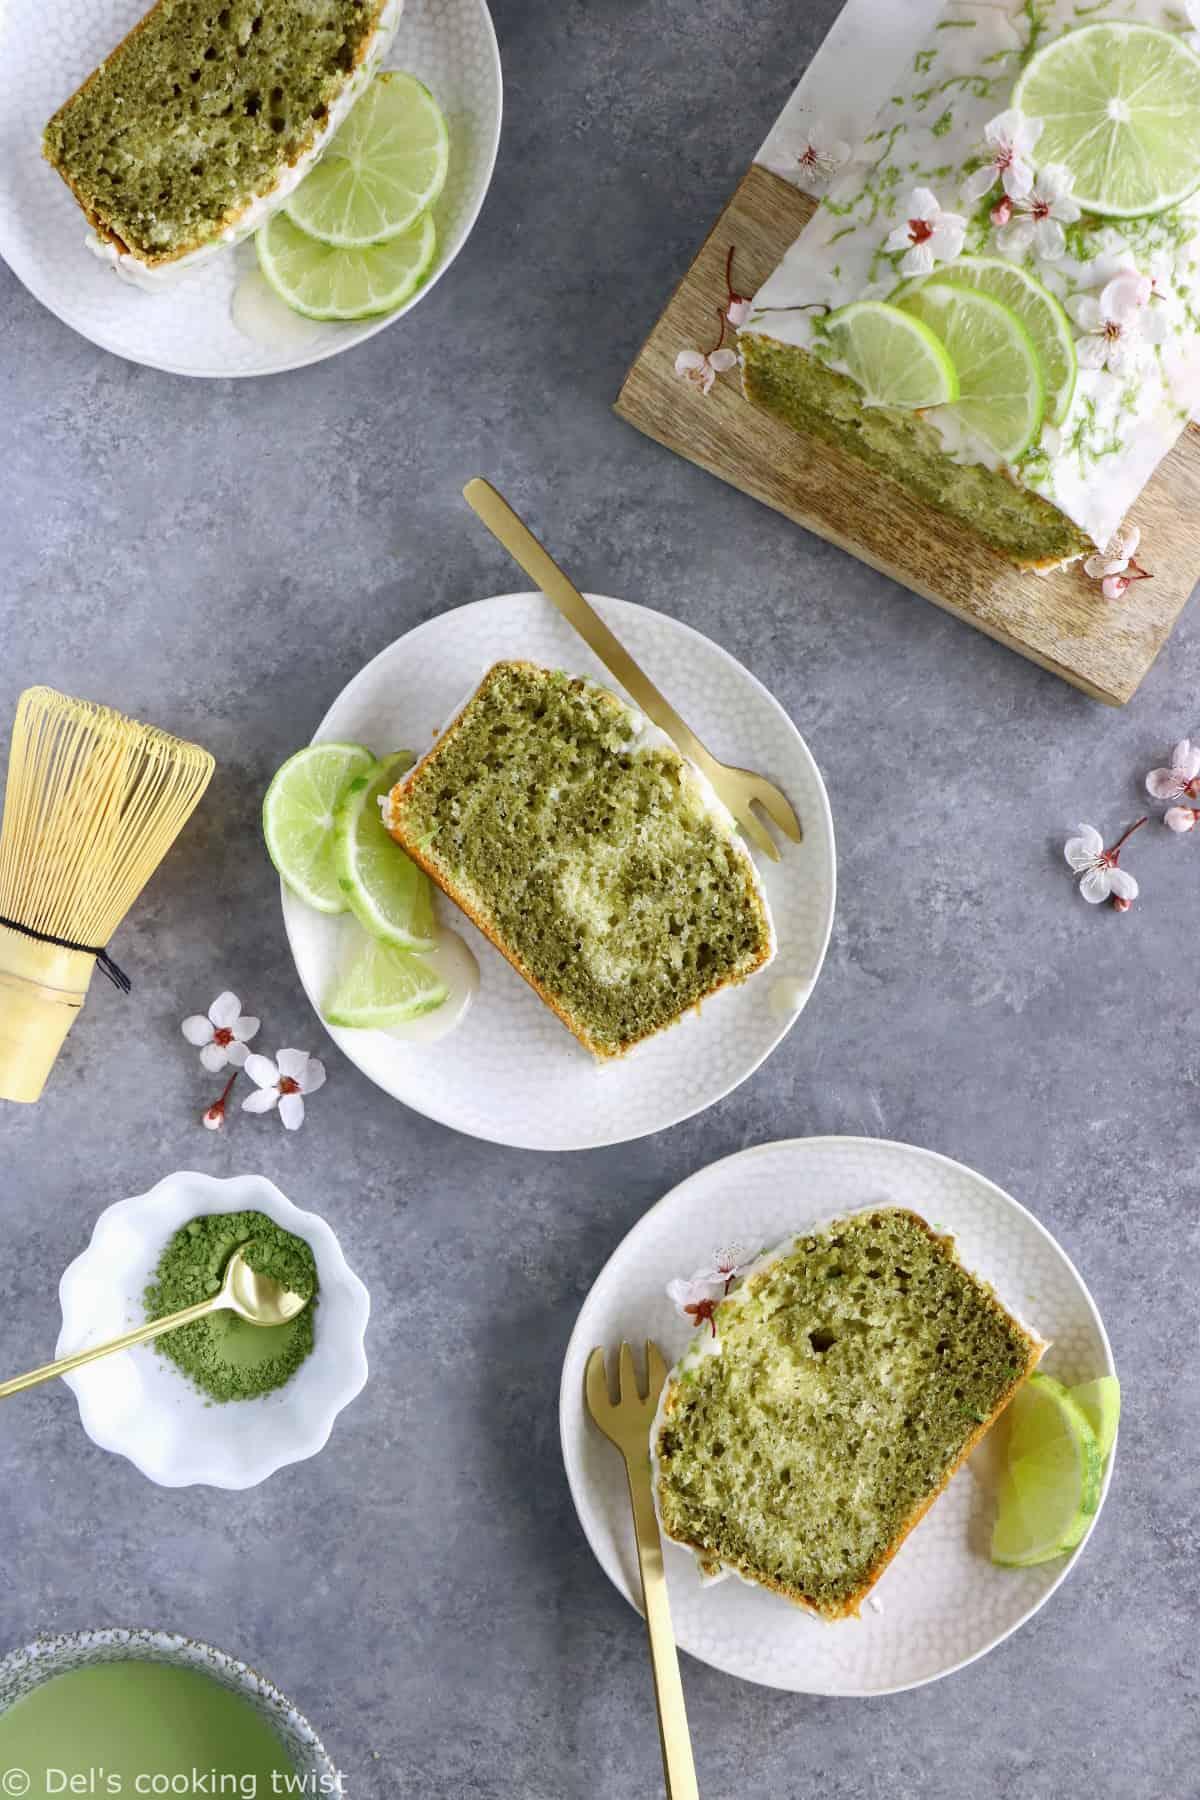 Ce cake marbré au thé matcha et citron vert est l'allié parfait du goûter. Réalisé sans lactose, il offre un subtile équilibre entre la saveur riche, intense et légèrement amère du thé matcha d'un côté et les notes acidulées du citron vert de l'autre.